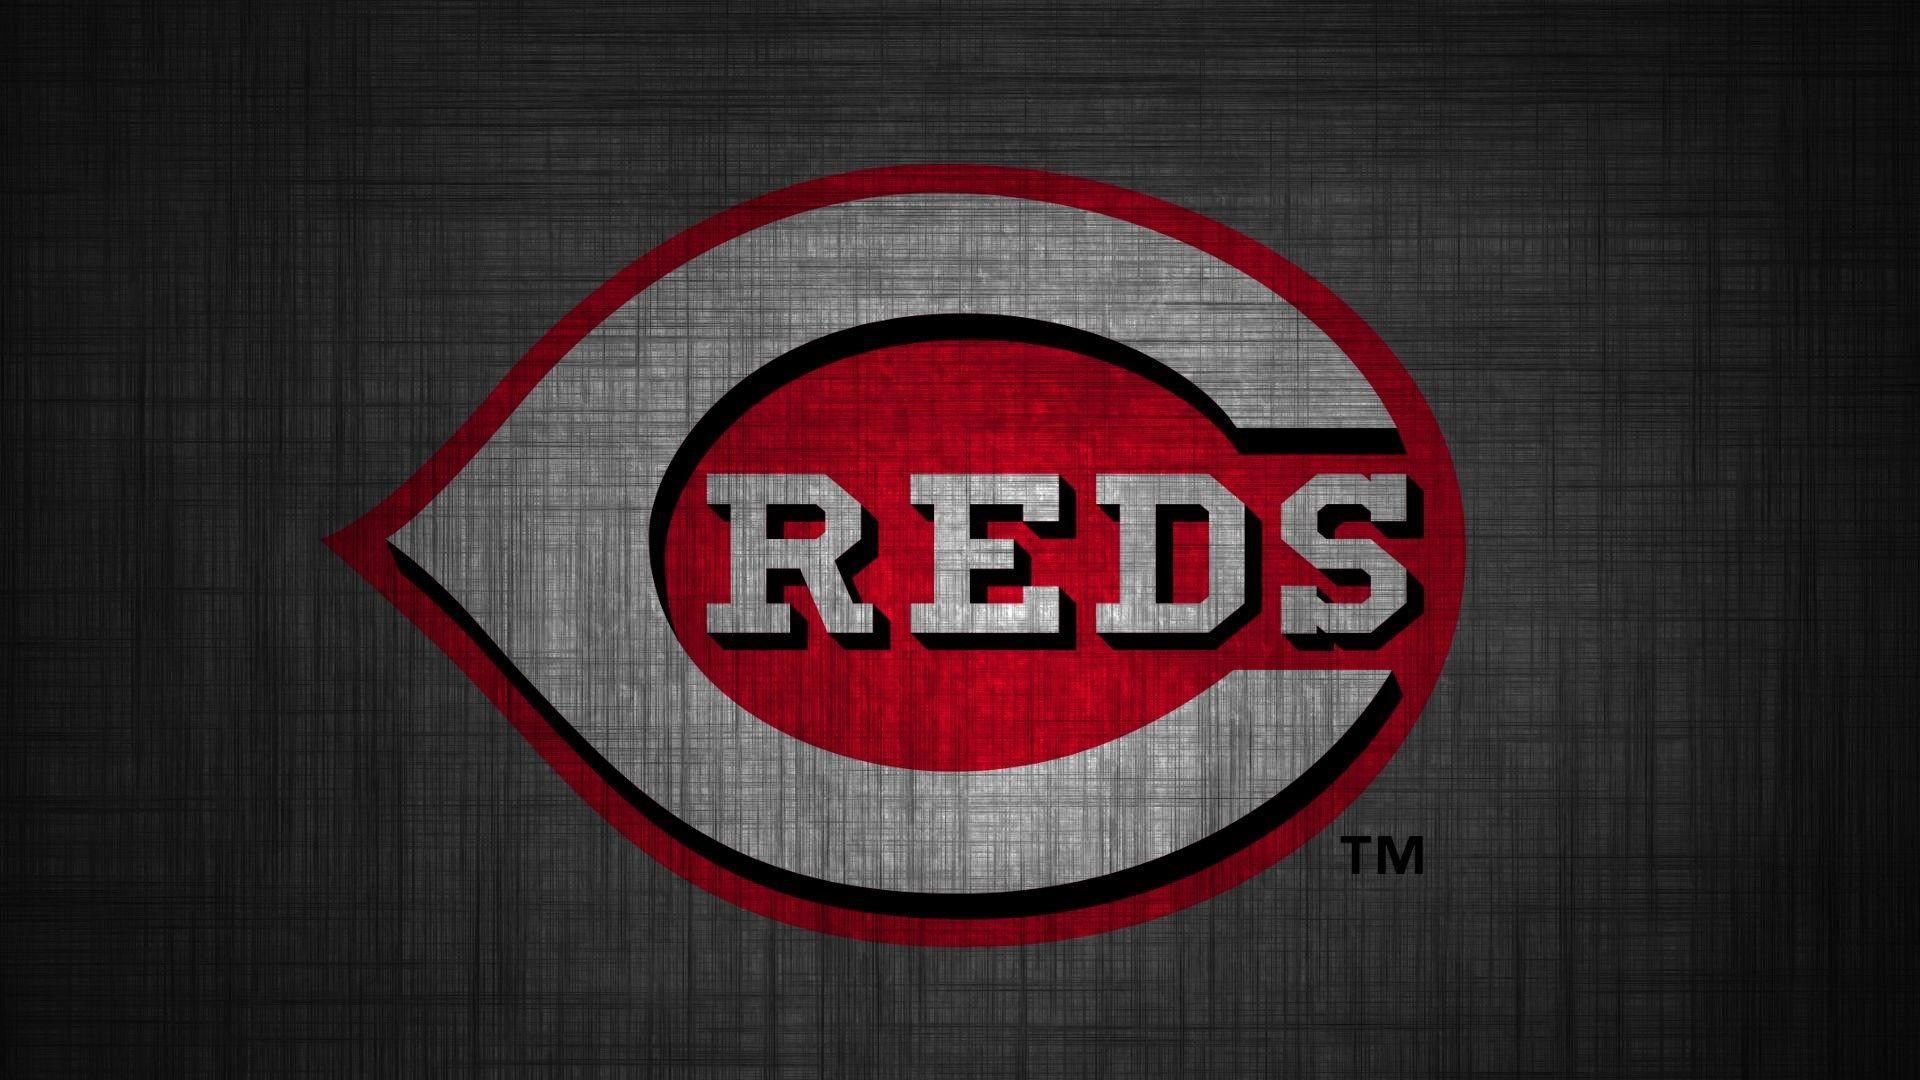 Hd Cincinnati Reds Wallpapers